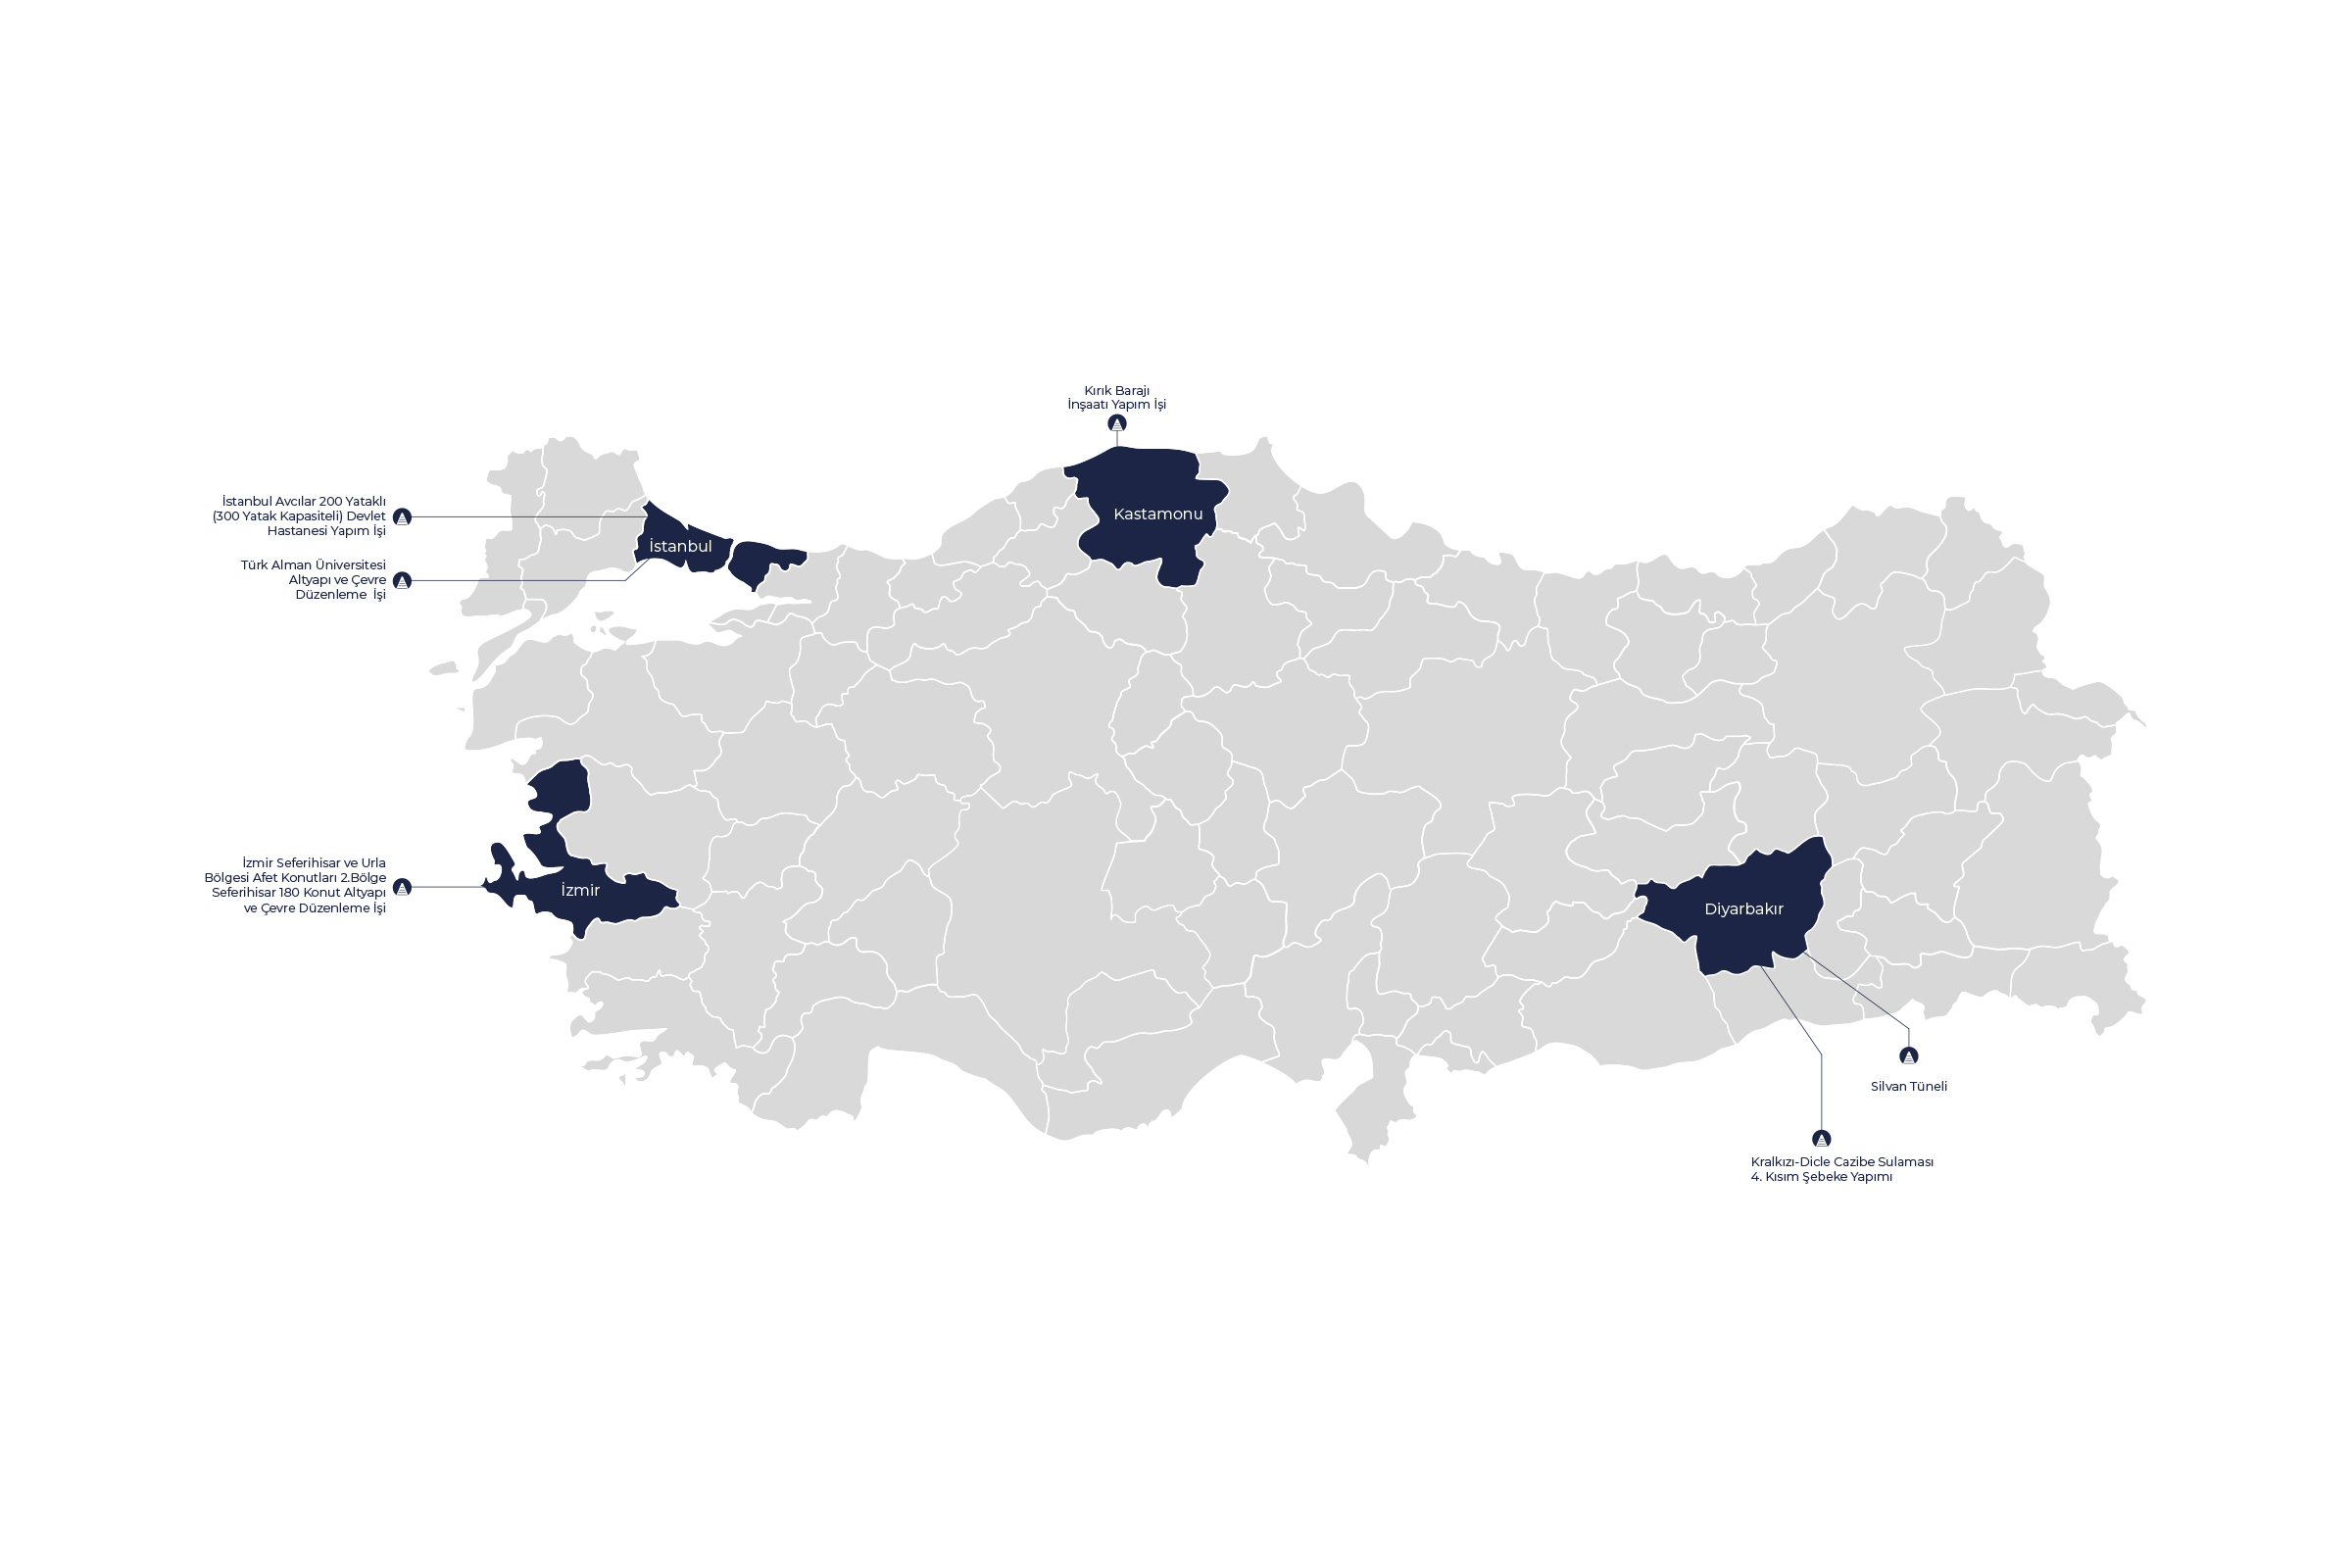 türkiye proje devam eden tr